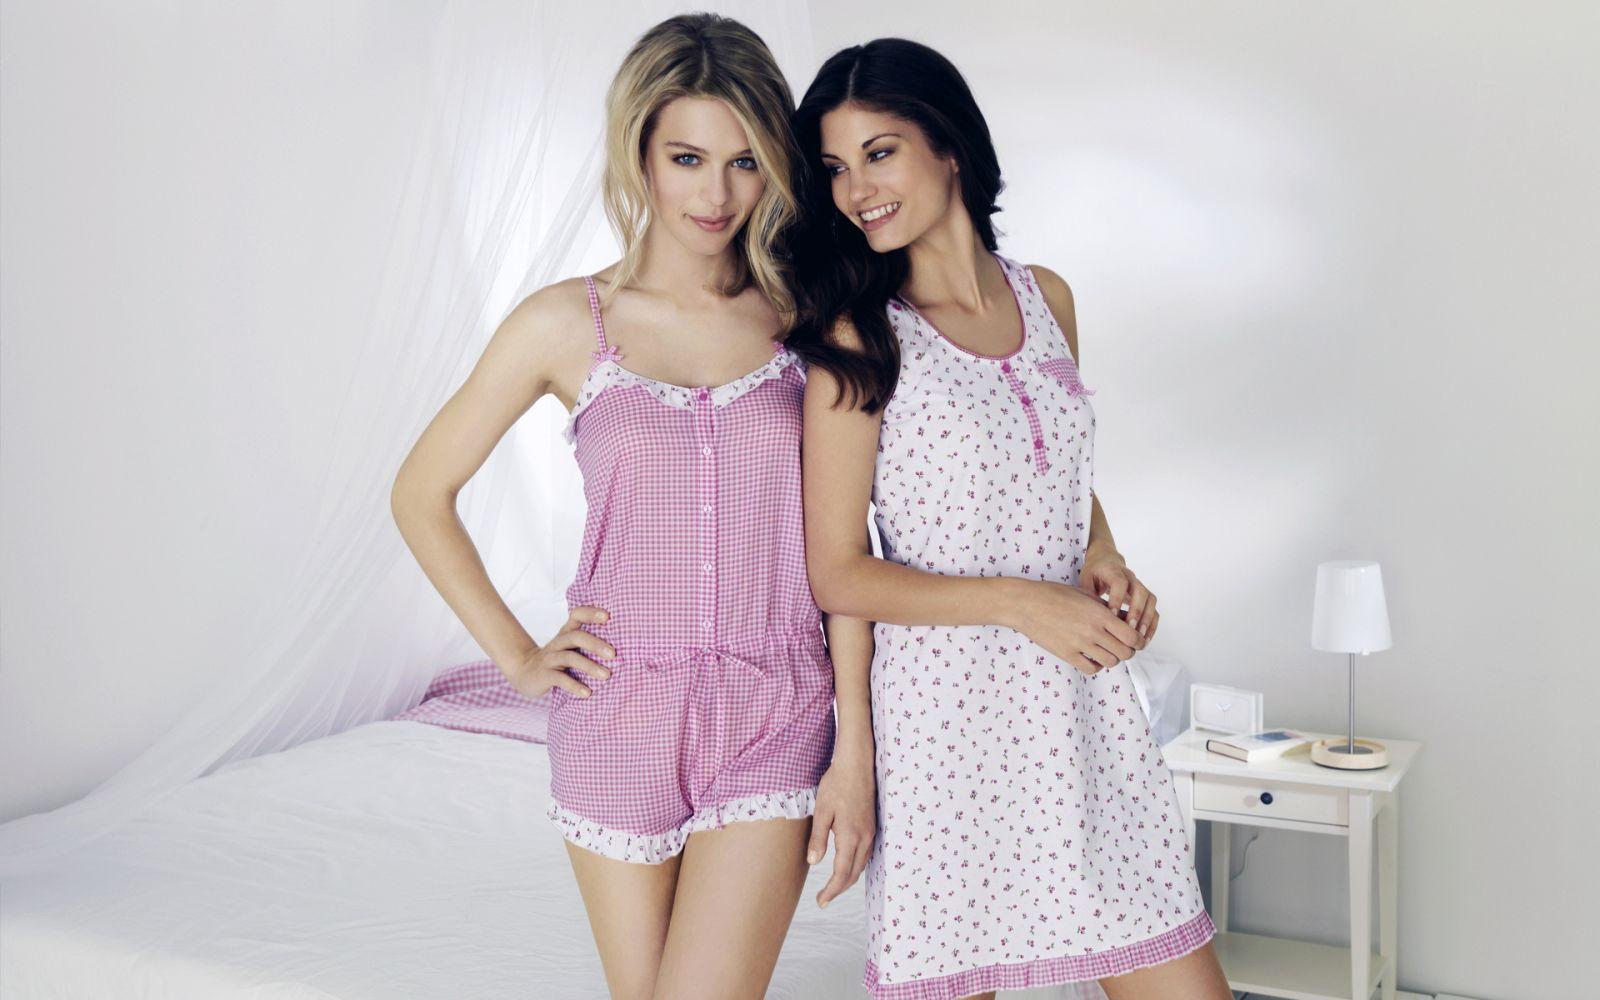 Sexy pajama party